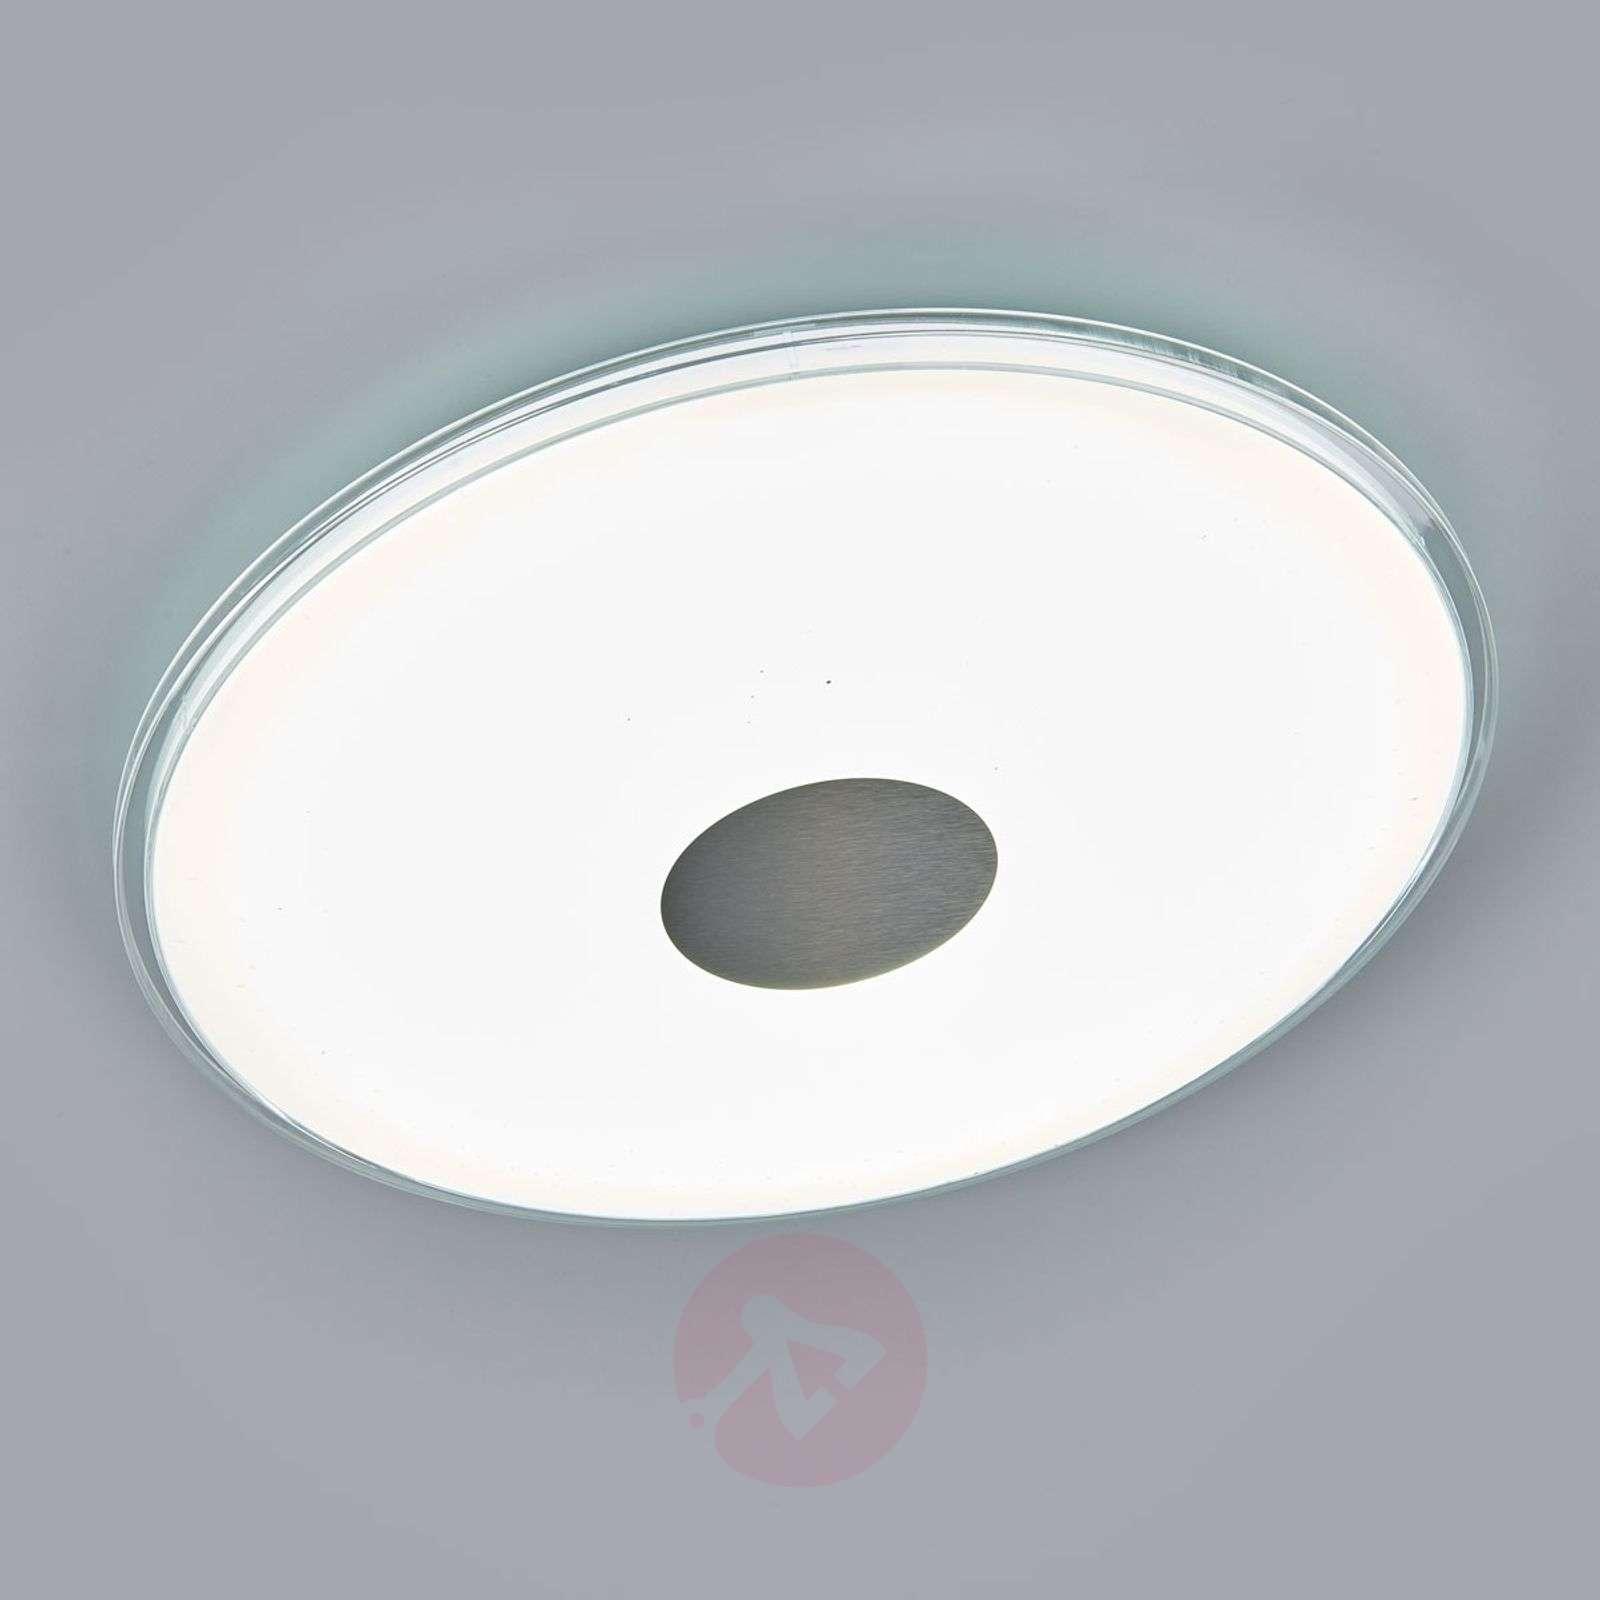 Pyöreä LED-kattovalaisin Shogun, kimallus-9005253-011